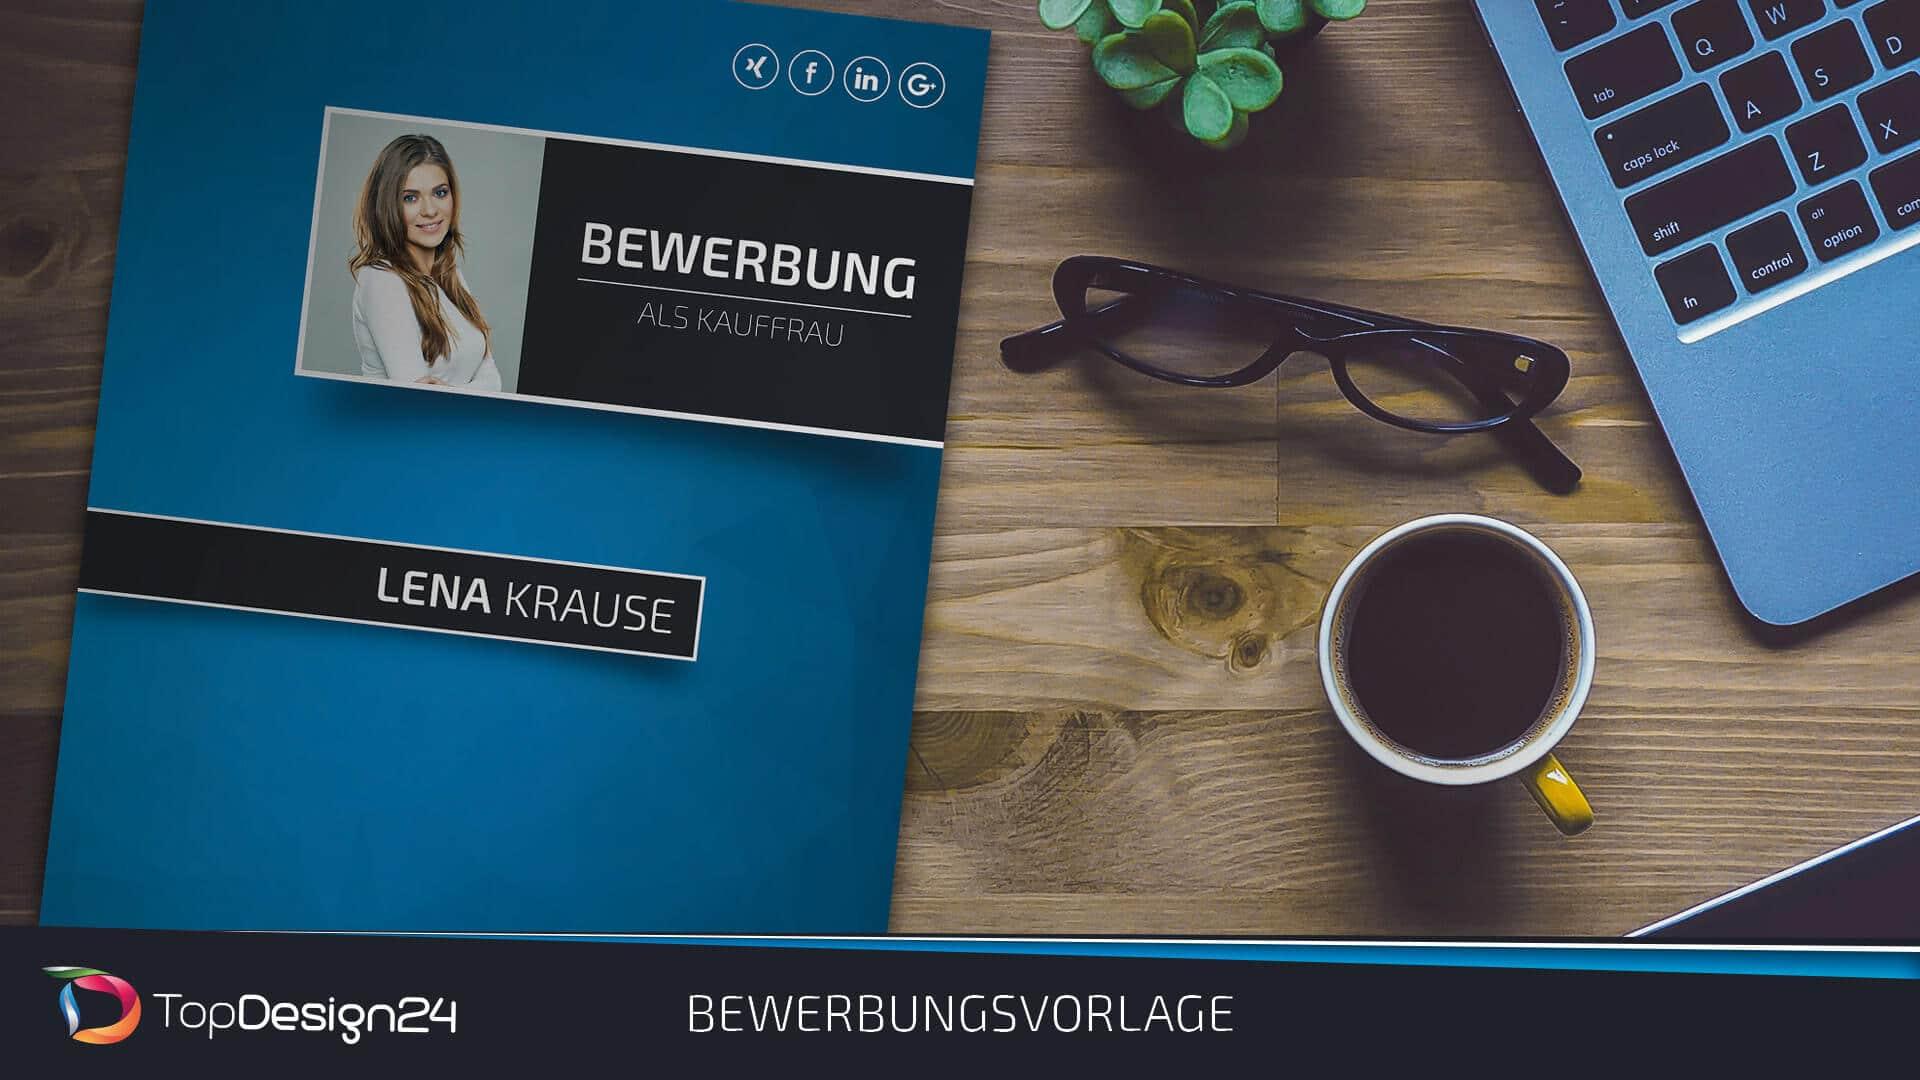 Lebenslauf Design 2018 - TopDesign24 Bewerbungsvorlage Word 2018